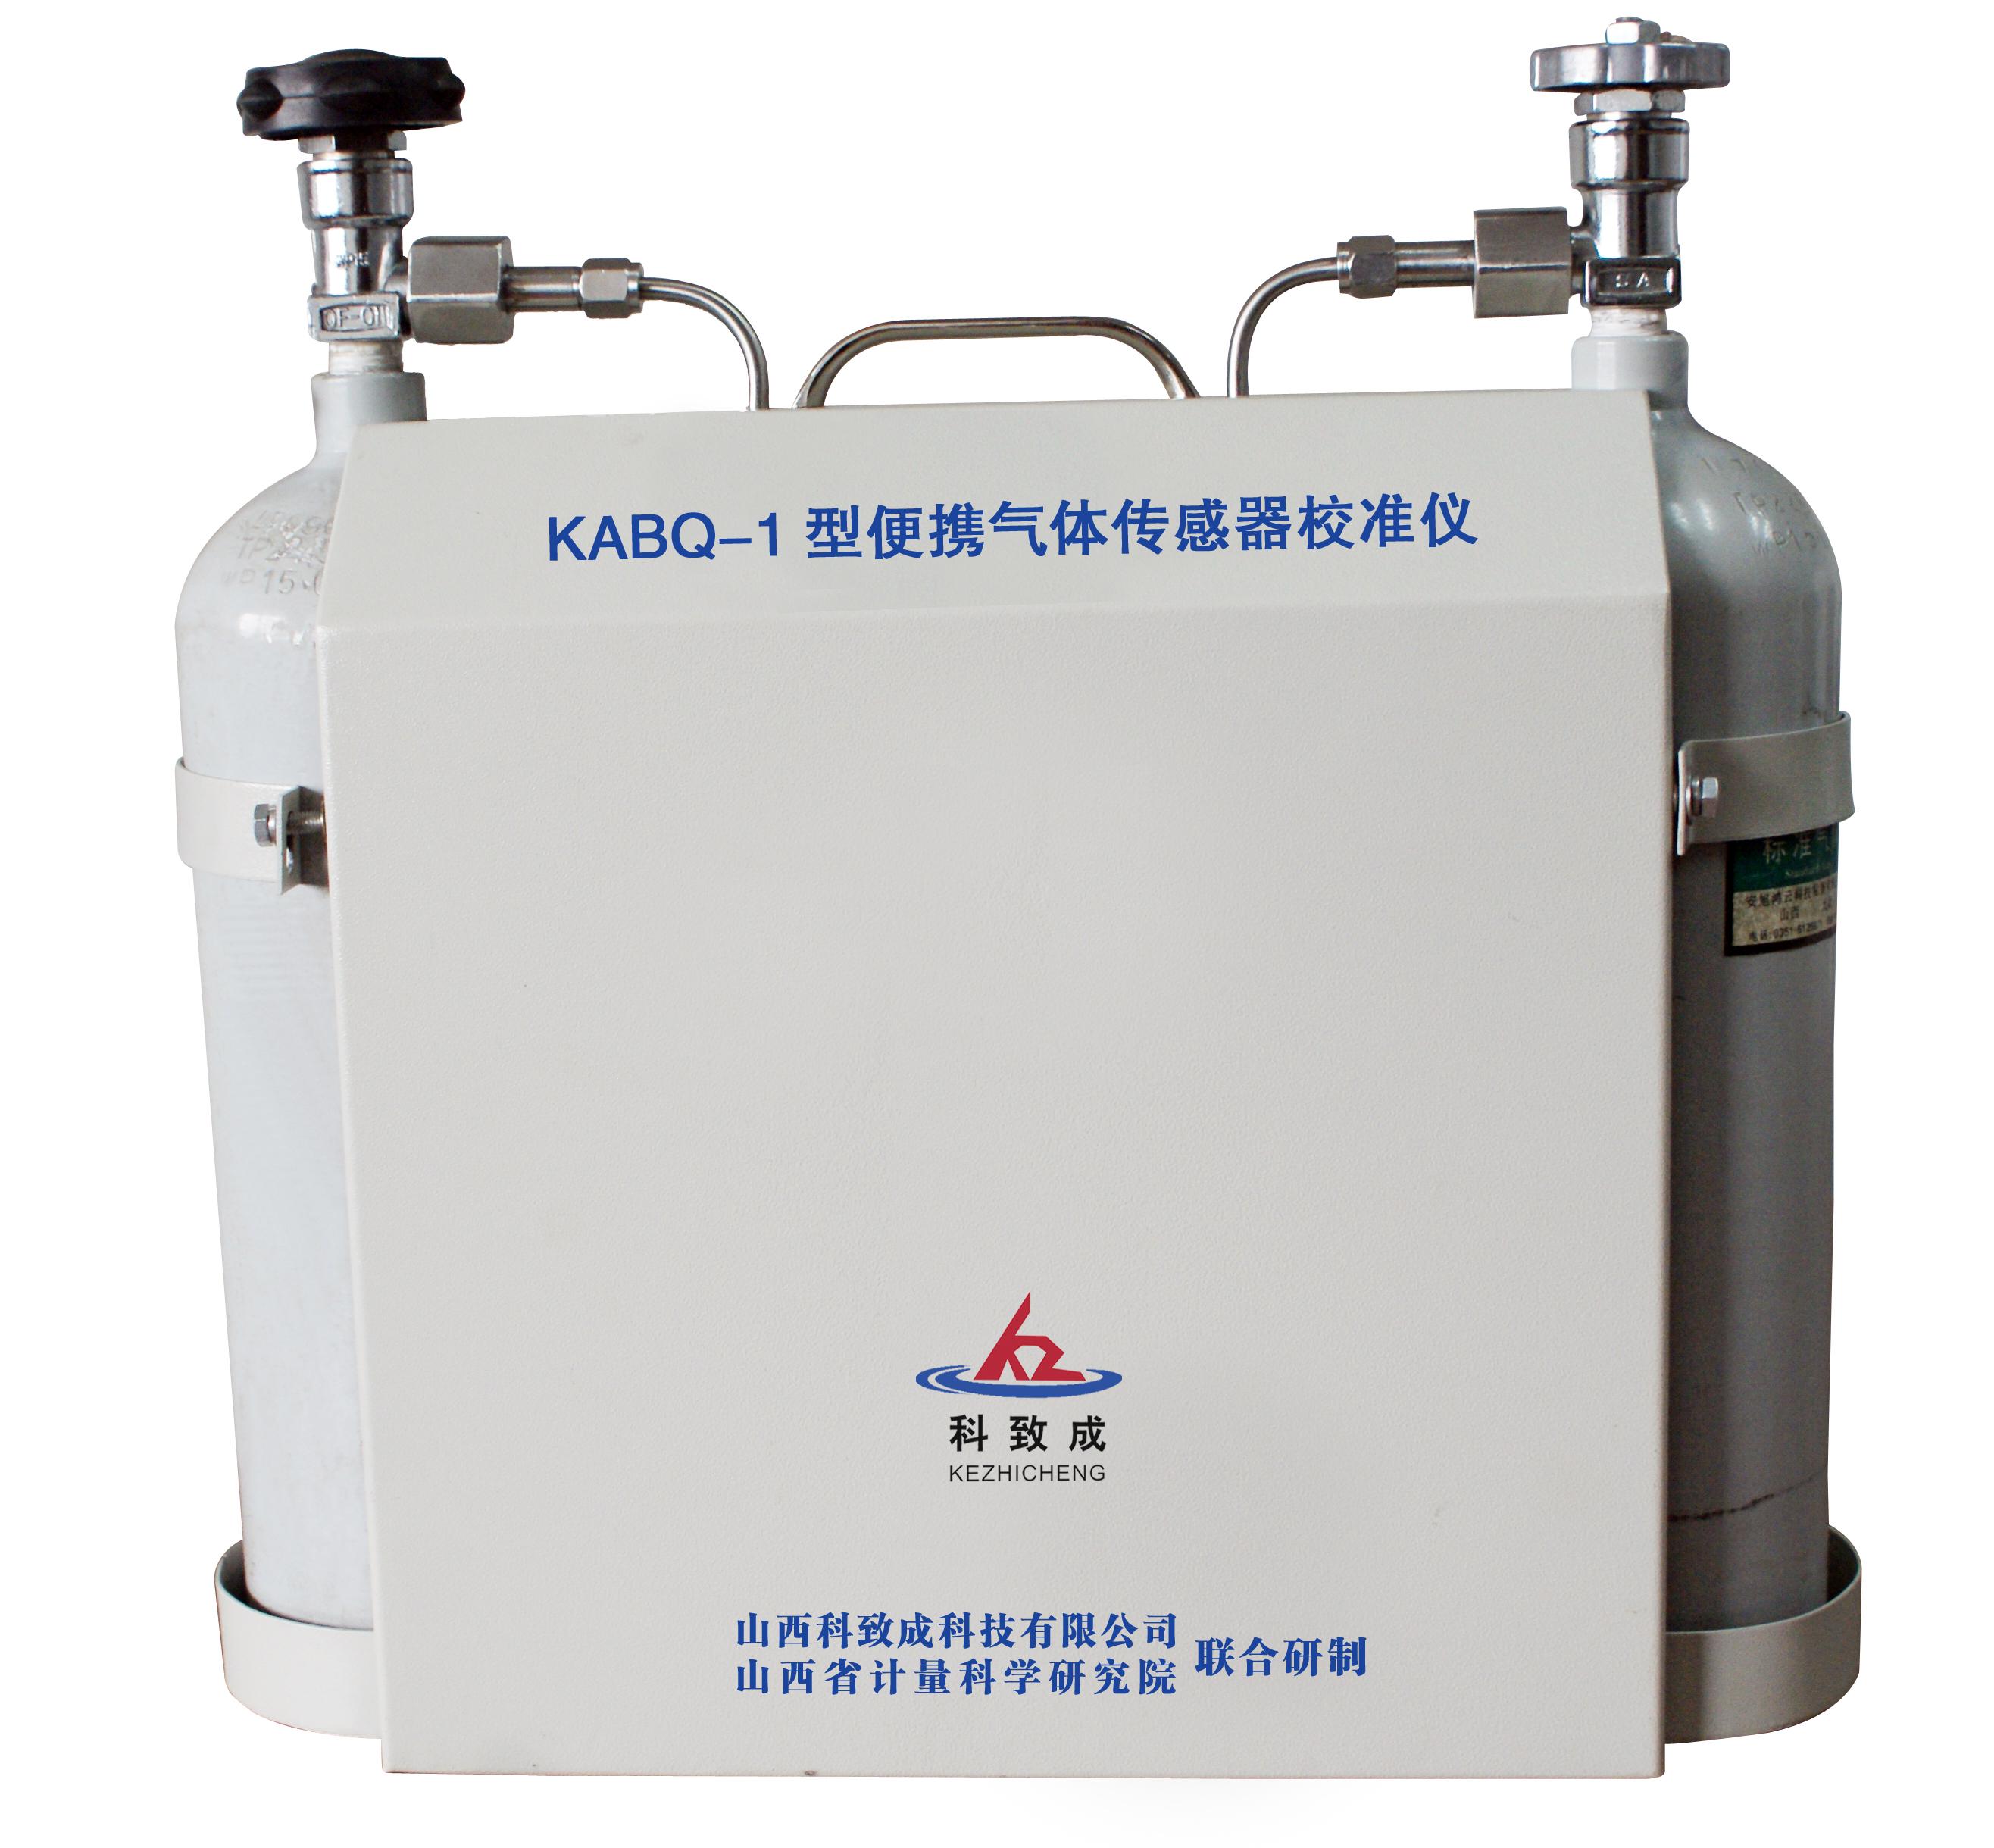 KABQ-1型便携气体传感器校准仪he